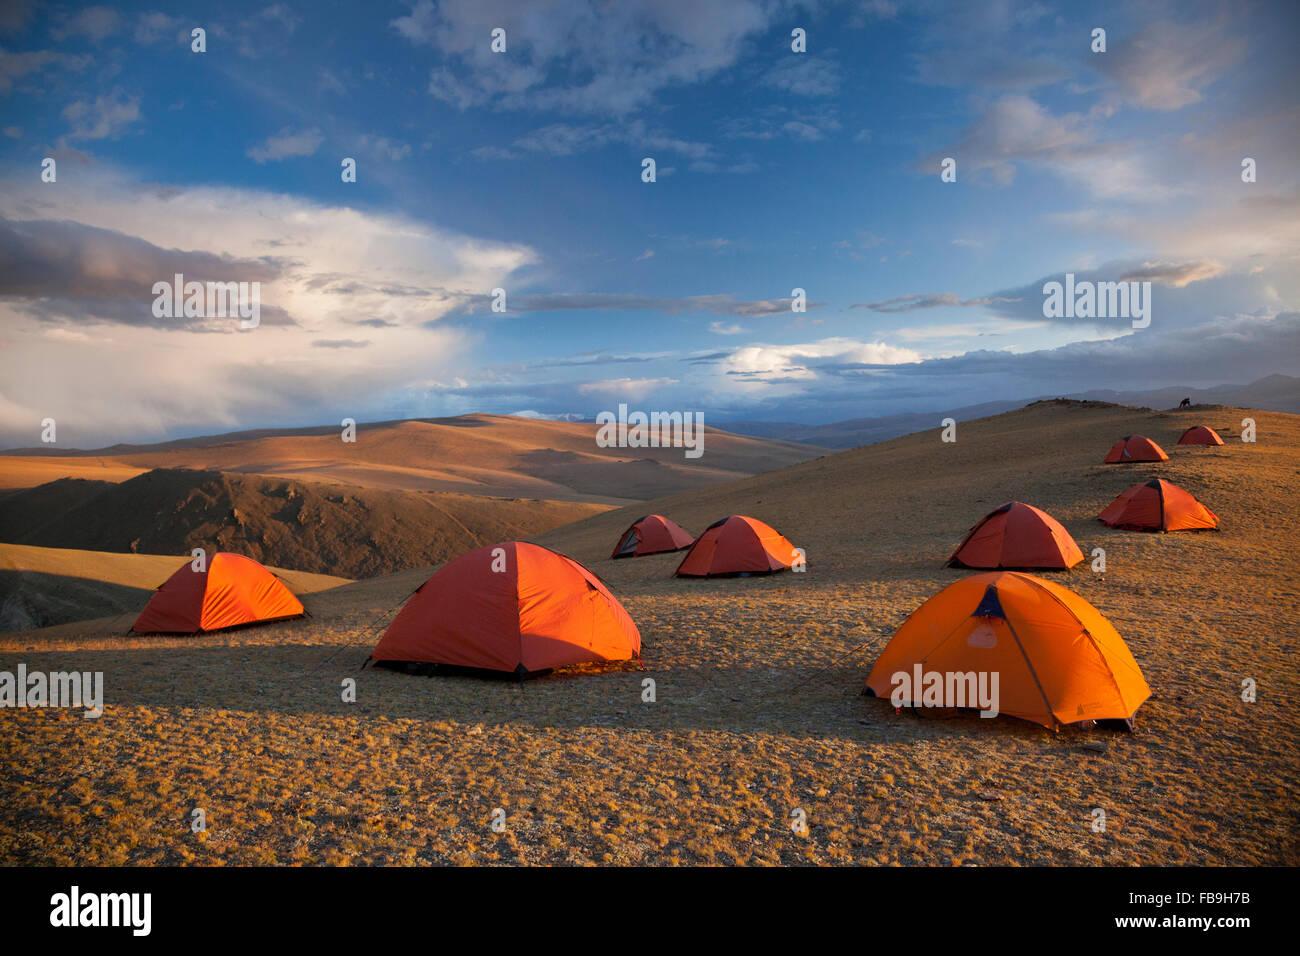 Un campamento base para caminar hasta la cumbre de Tsaast en Bayan-Ölgii Uul, lejano oeste de Mongolia. Imagen De Stock